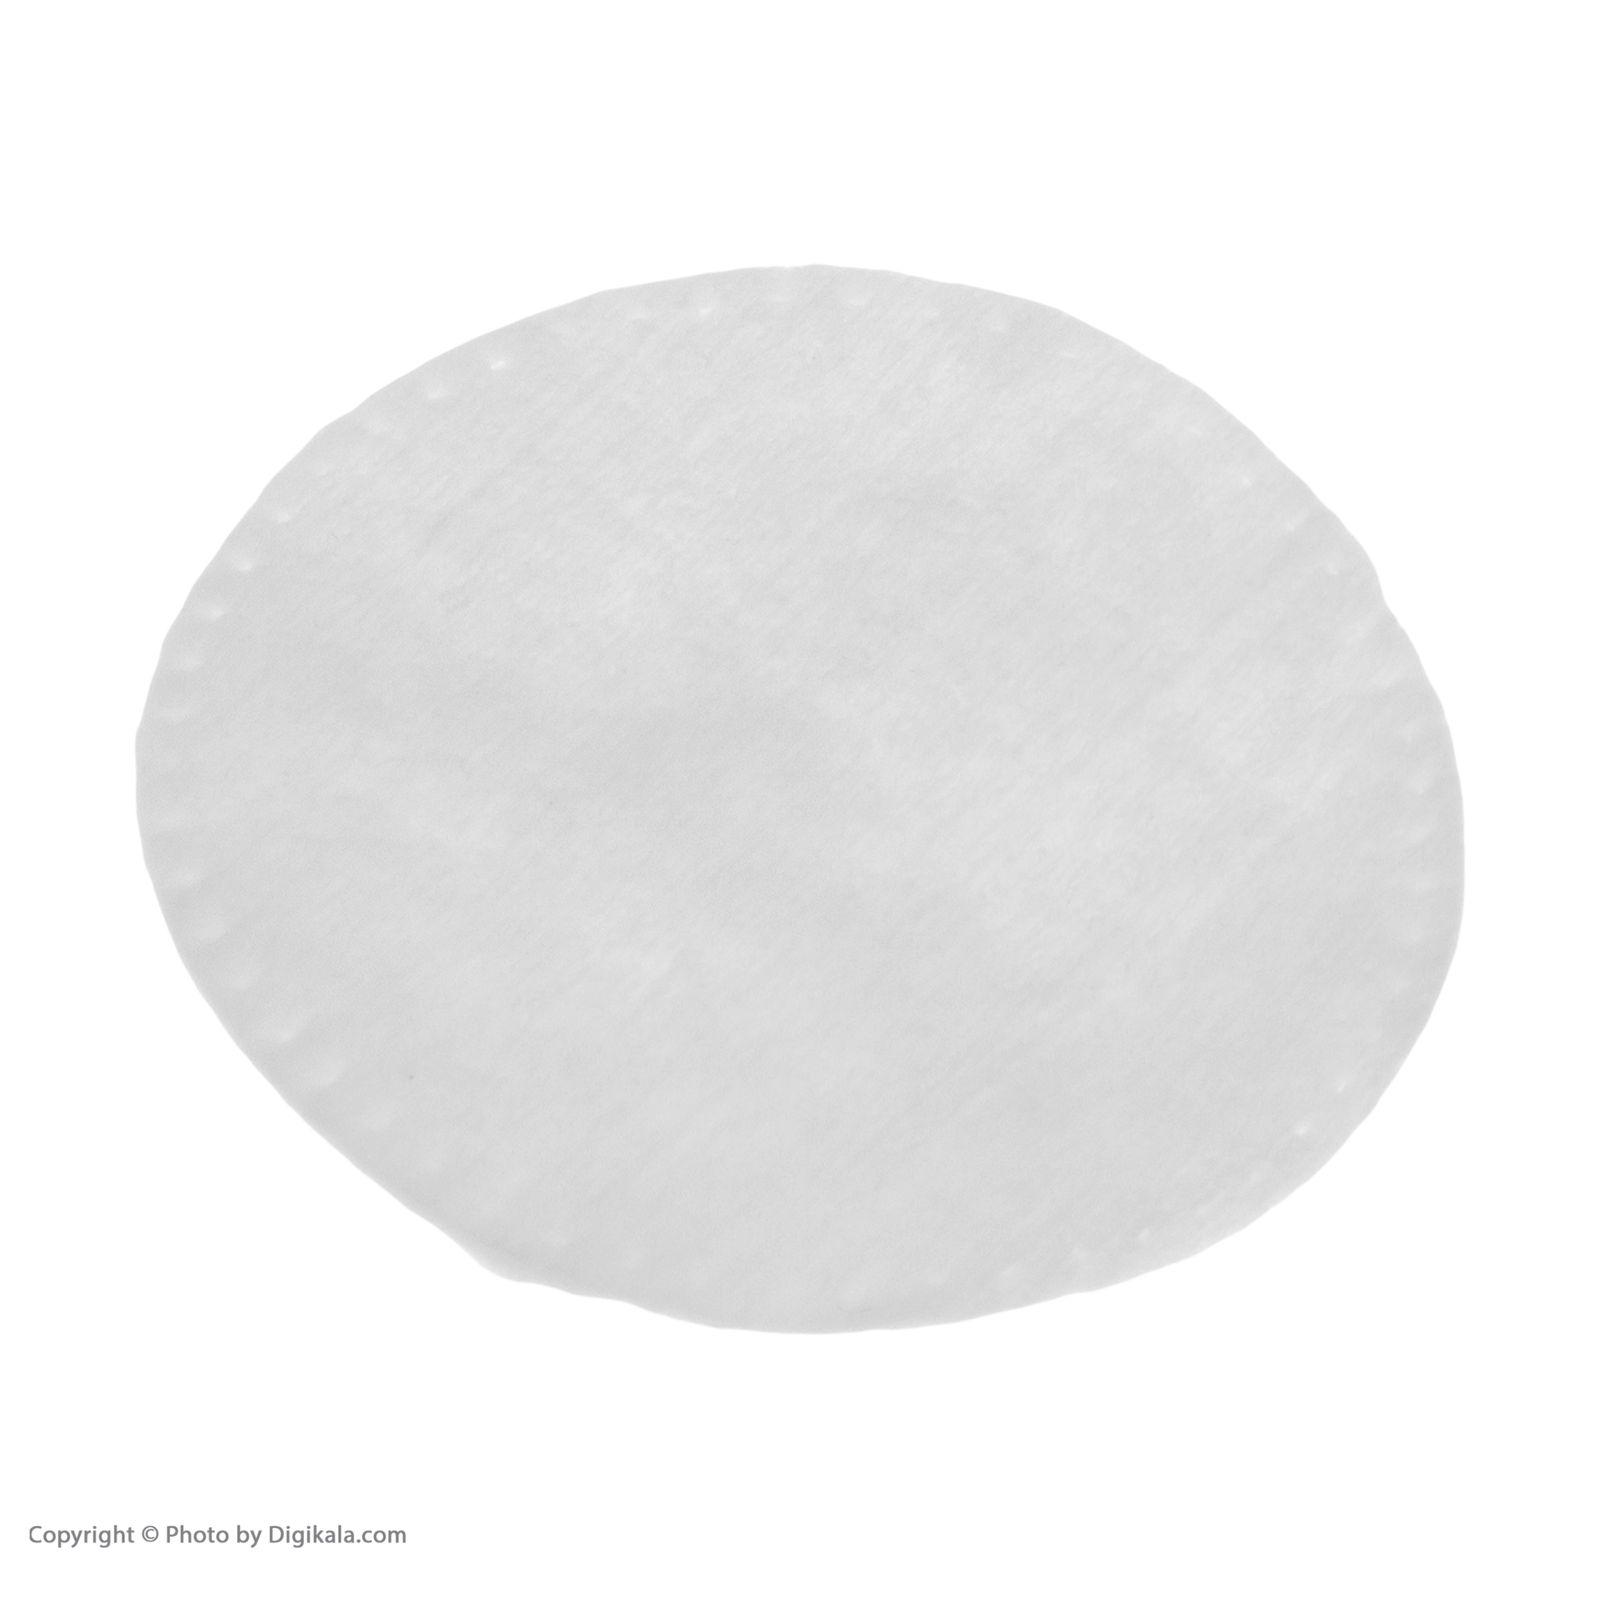 پد پاک کننده آرایش صورت ایپک مدل 1 بسته 120 عددی -  - 7